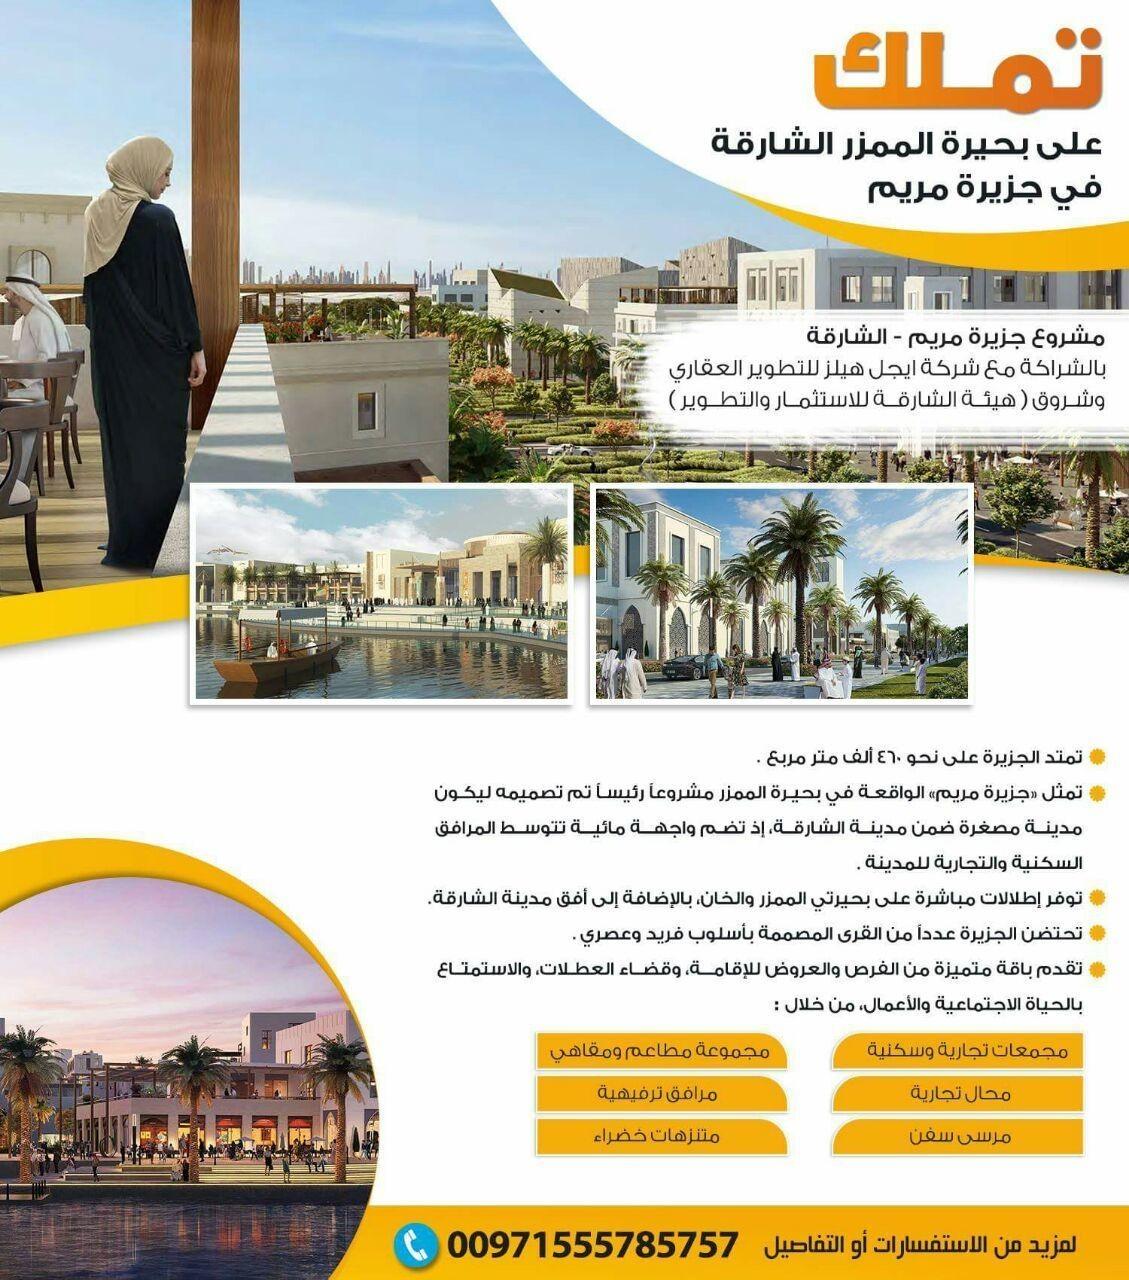 مشروع جزيره الشارقه